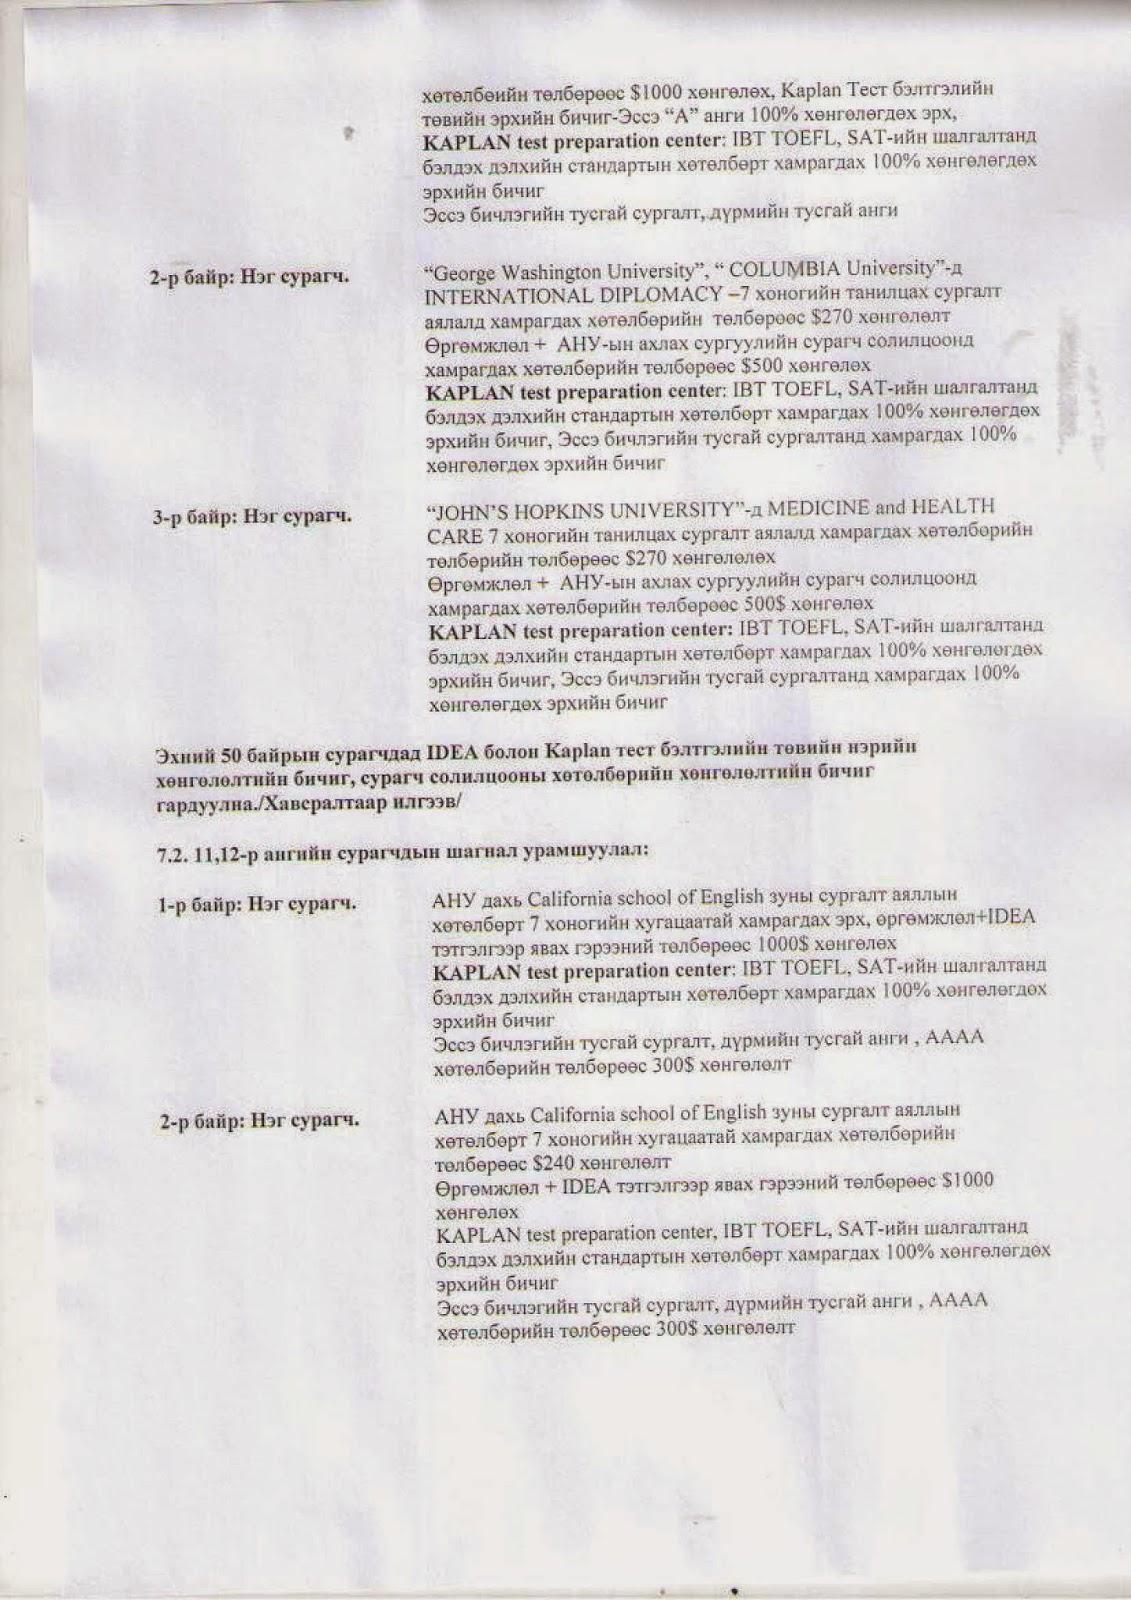 SCHOLARSHIP-USA III УДААГИЙН УЛААНБААТАР АНГЛИ ХЭЛНИЙ